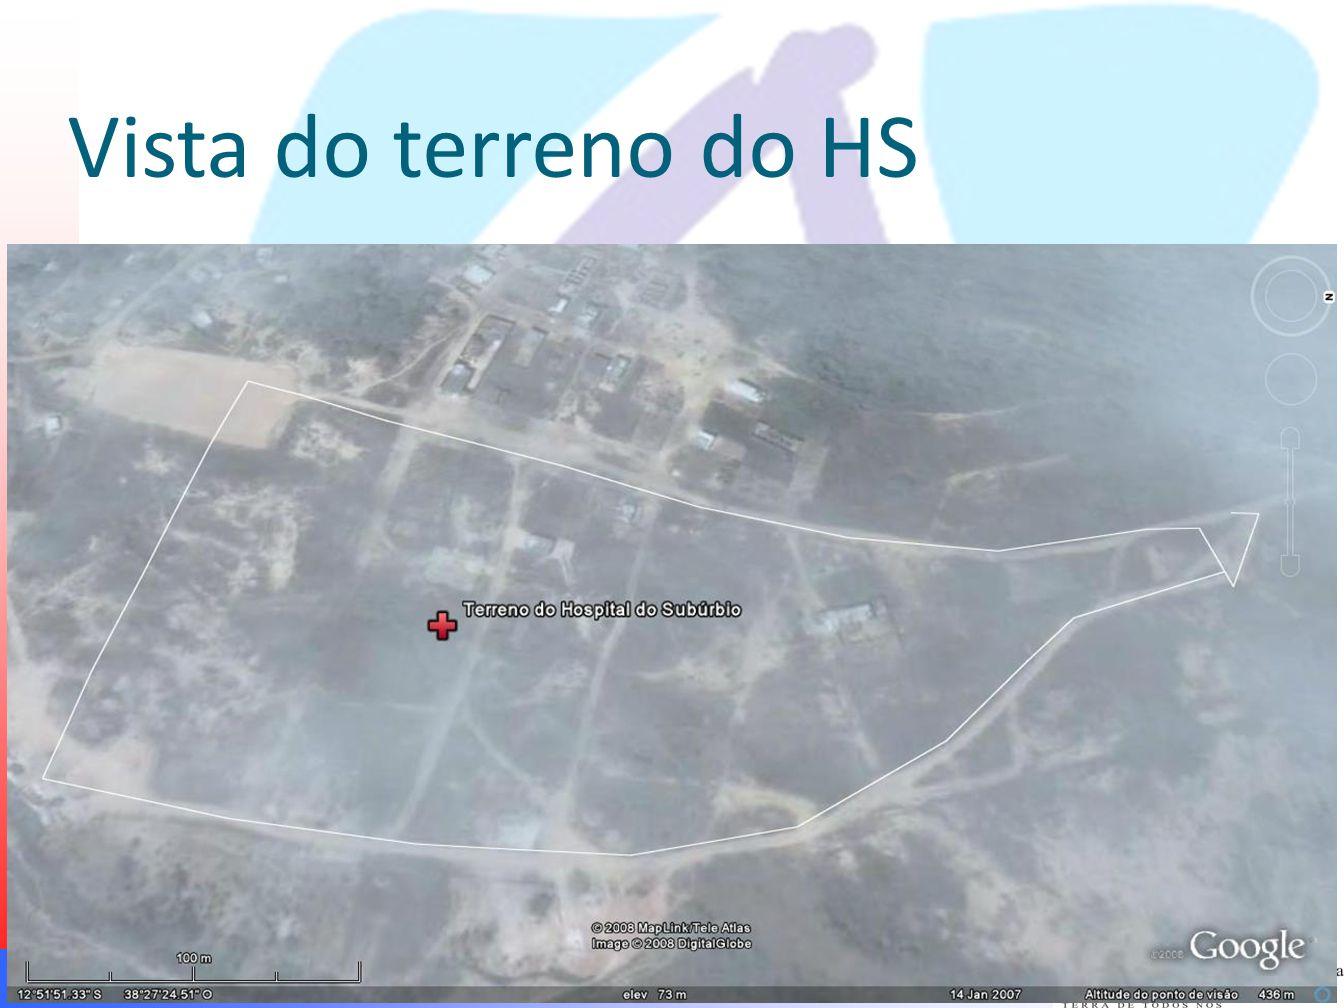 PPP DE SAÚDE NO ESTADO DA BAHIA: Contexto do serviço público de saúde no Estado 3,8 milhões de habitantes PIB é R$ 46,2 bi IDH de 0,79 > 14 milhões de habitantes PIB R$90,9 bi 37 hospitais públicos estaduais na Bahia, com 4.939 leitos 7 hospitais estaduais foram municipalizados e 1 federalizado (2007 a 2009) Há 19 anos não se cria novo hospital público de emergência na região metropolitana de Salvador População abrangida na área de atração: 1 milhão de habitantes População abrangida na área de atração: 1 milhão de habitantes Região Metropolitana de Salvador Bahia